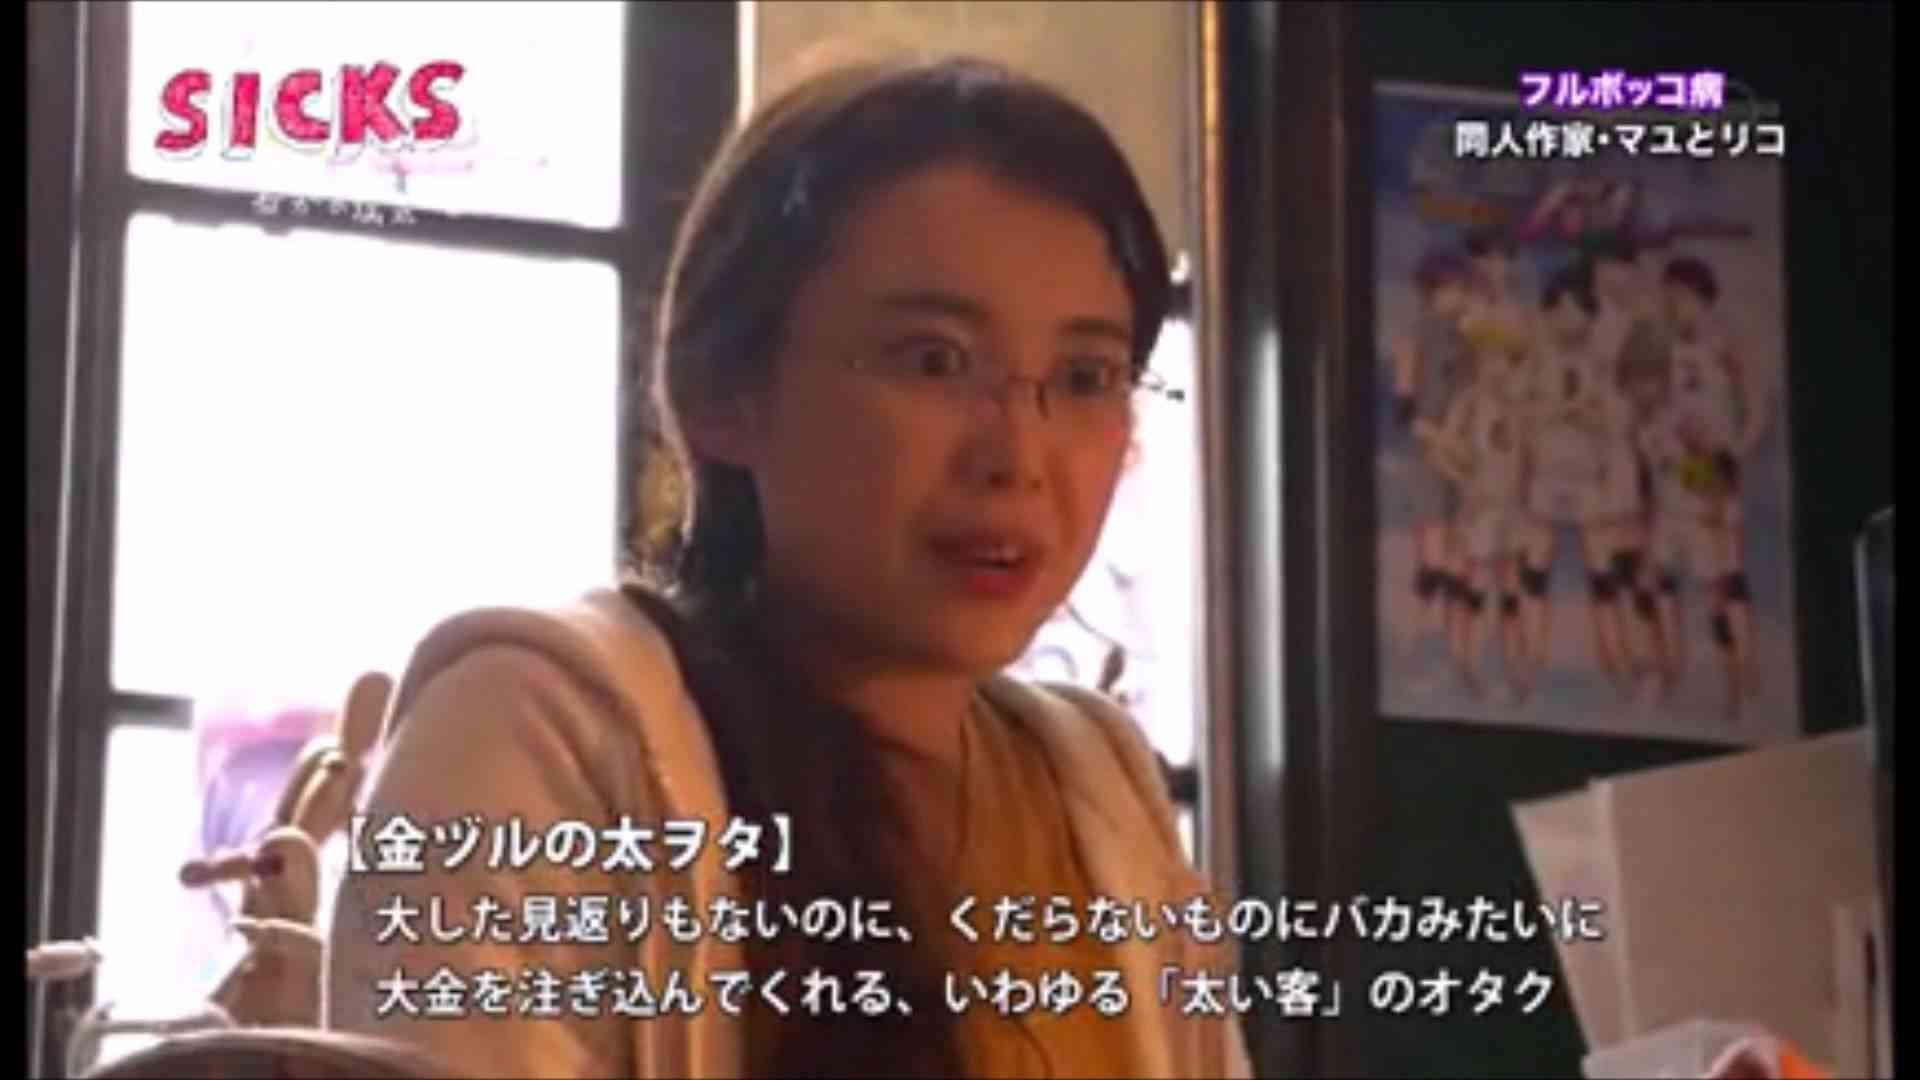 清水富美加さんと中島早貴さん(℃-ute) SICKS腐女子役好演!その2 - YouTube